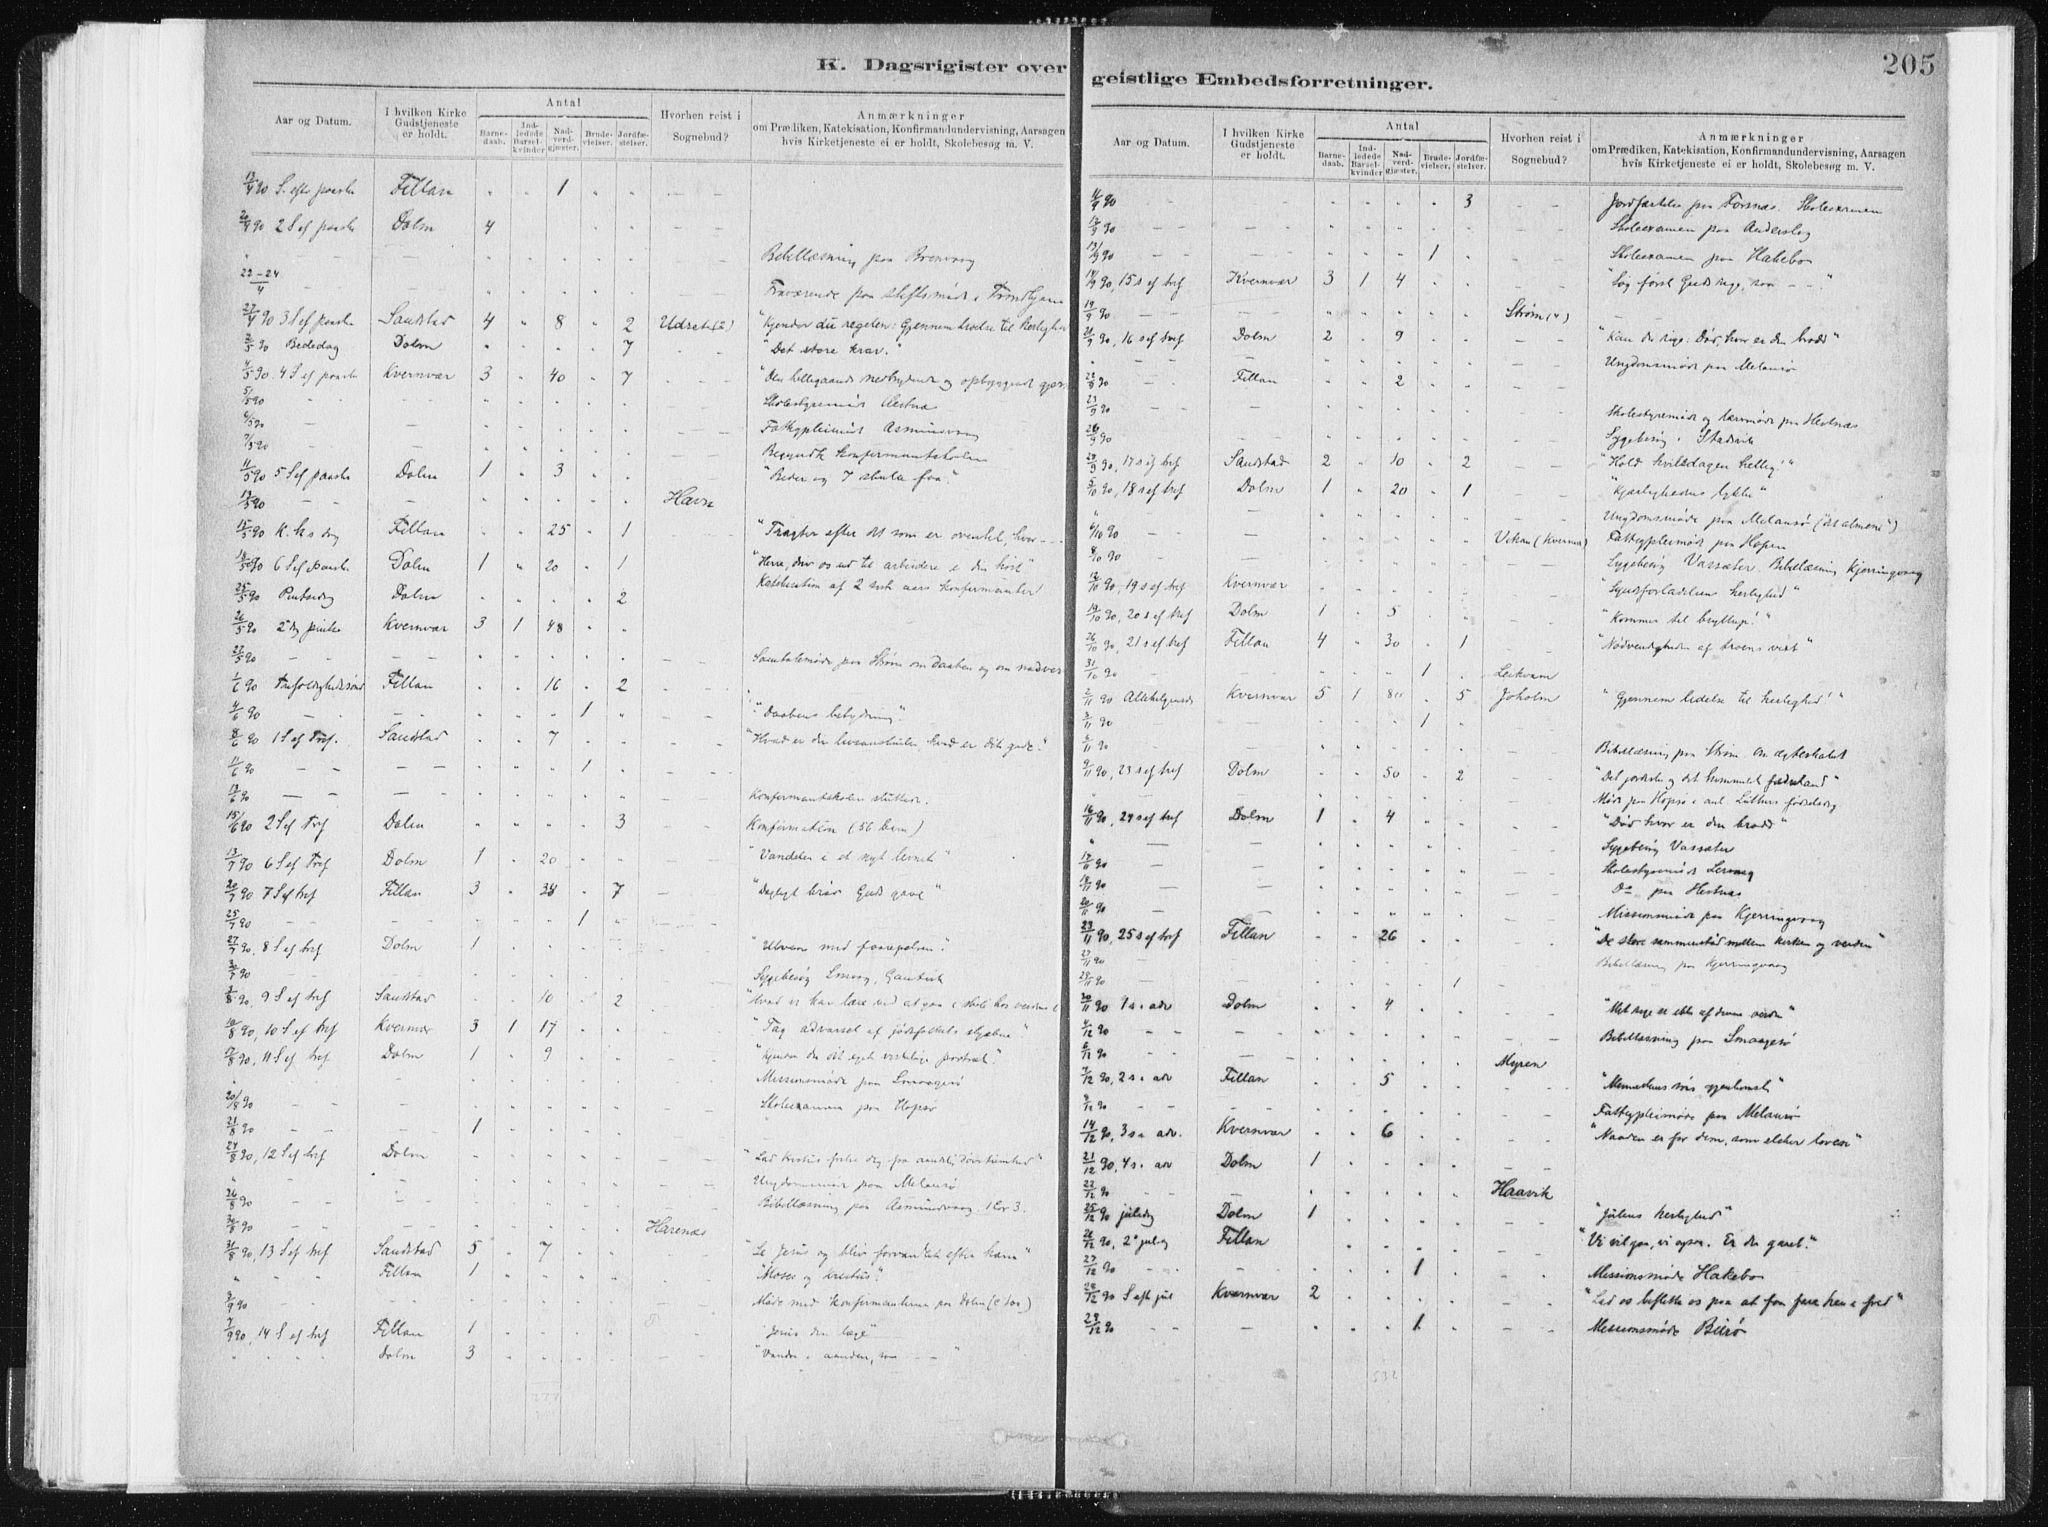 SAT, Ministerialprotokoller, klokkerbøker og fødselsregistre - Sør-Trøndelag, 634/L0533: Ministerialbok nr. 634A09, 1882-1901, s. 205